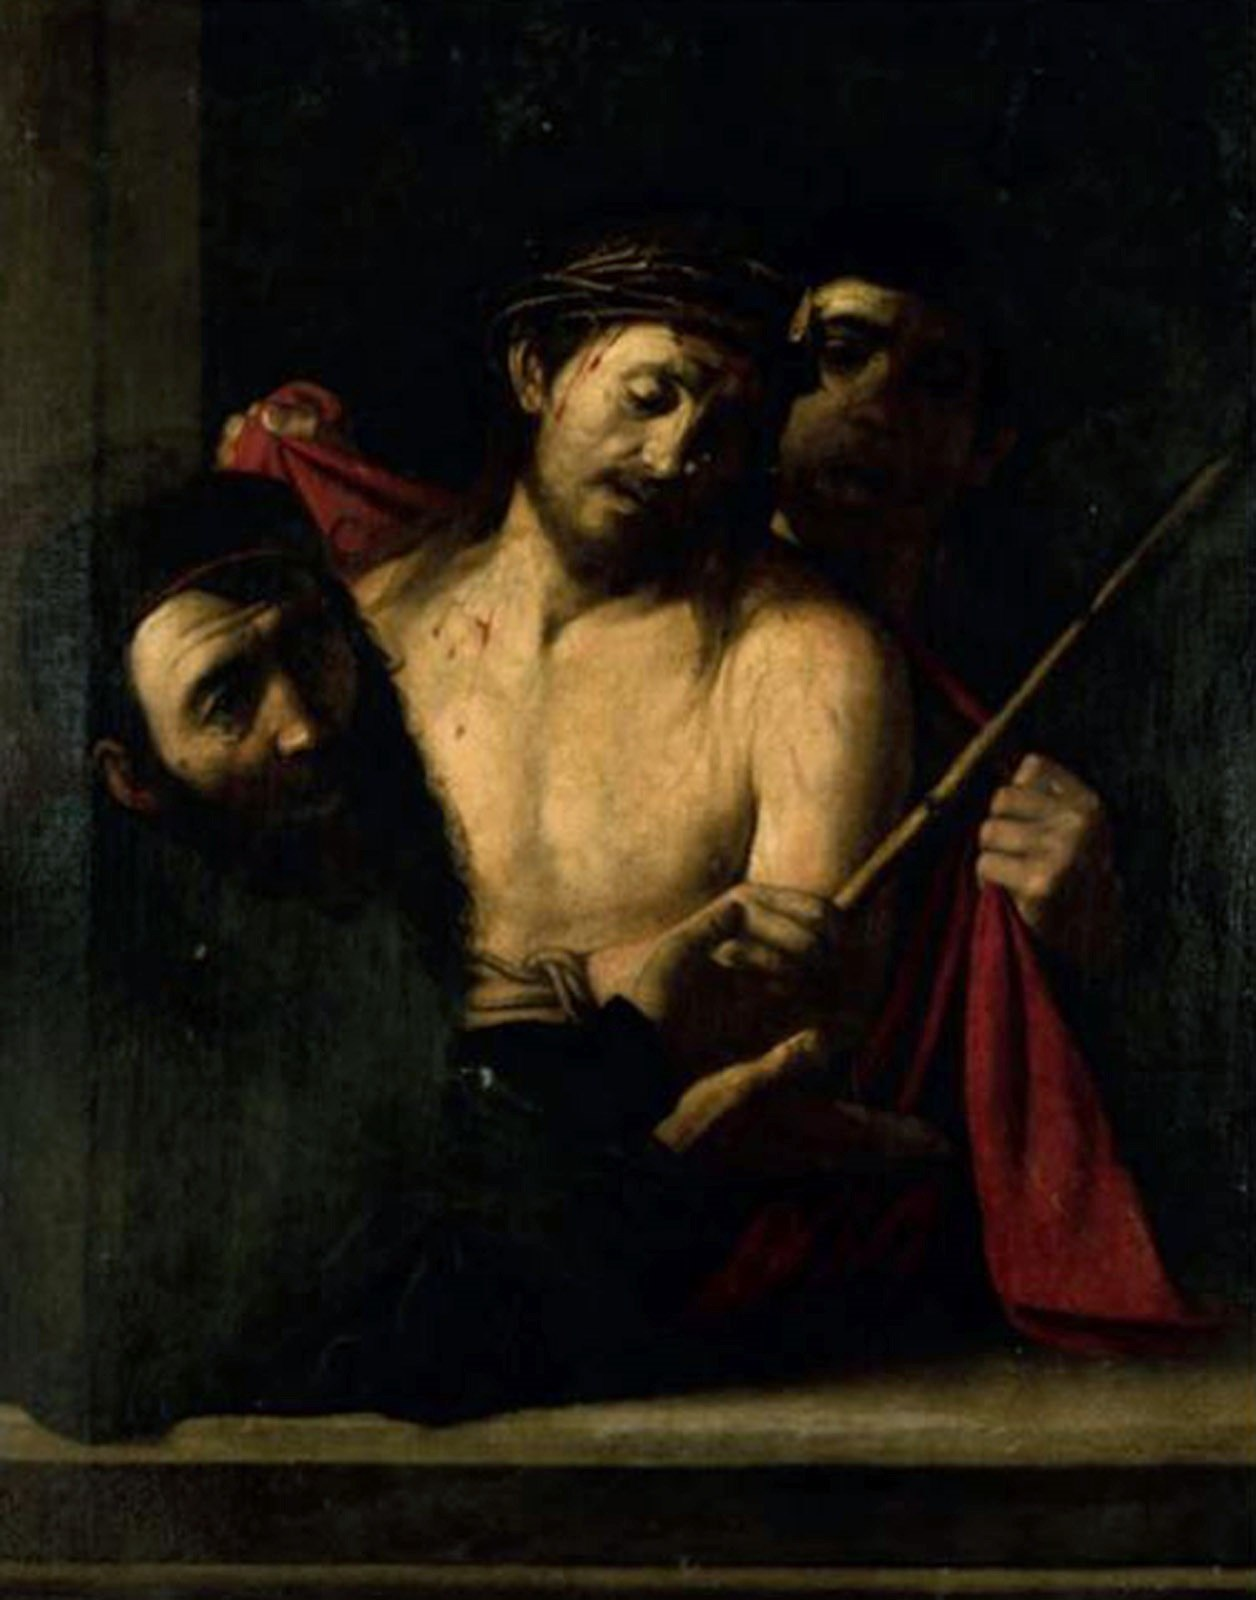 Detalle del 'Ecce homo' que podría ser atribuido a Caravaggio.